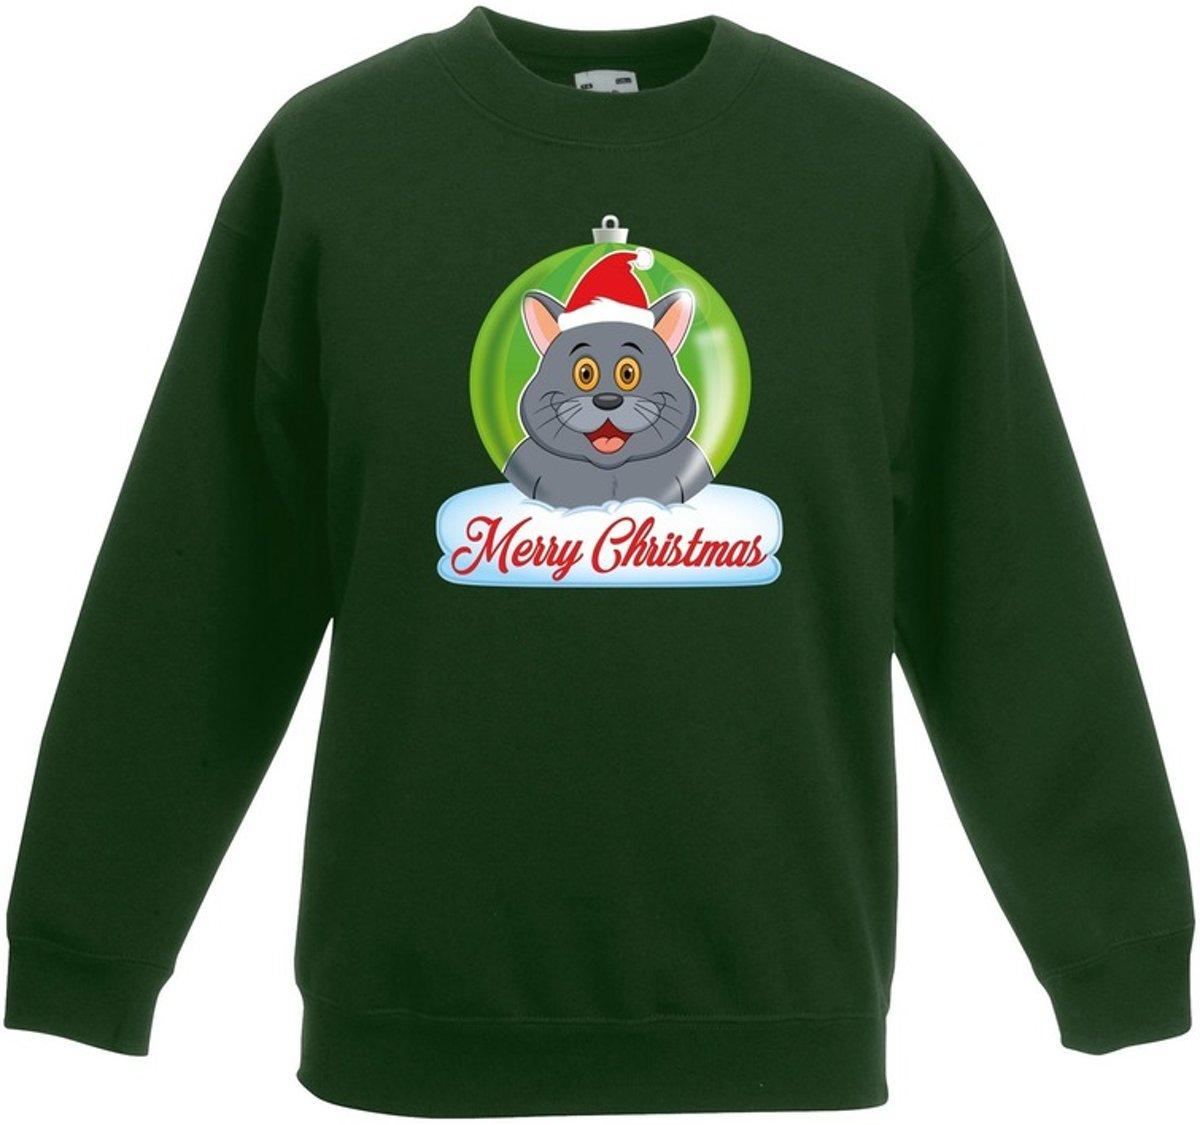 Kersttrui Merry Christmas grijze kat / poes kerstbal groen jongens en meisjes - Kerstruien kind 14-15 jaar (170/176) kopen